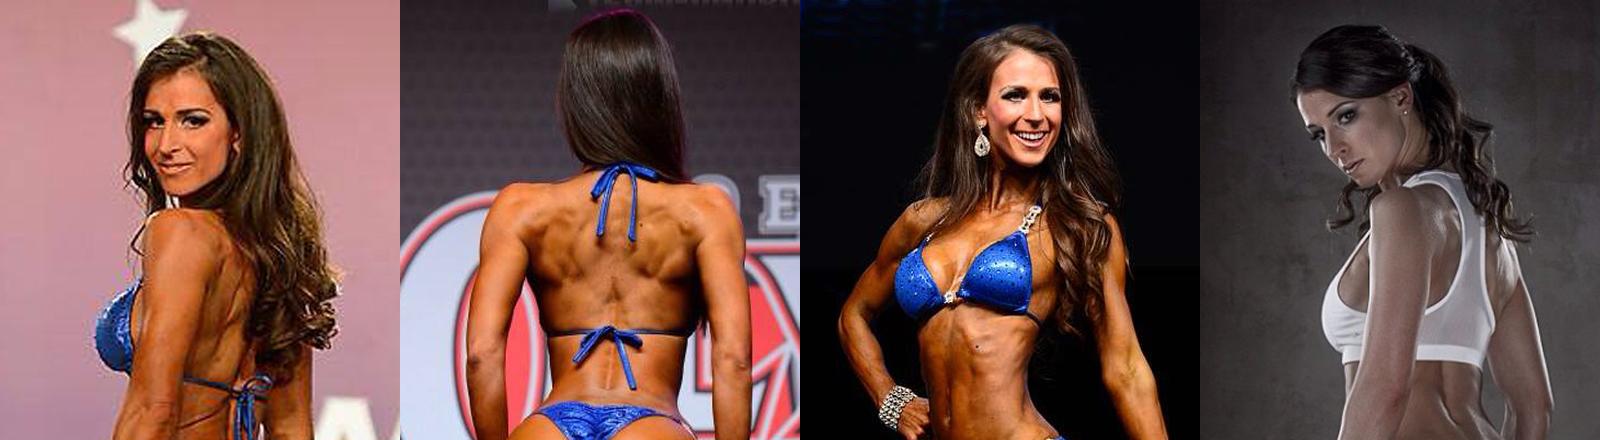 Die Bikini-Athletin Kathrin Weishaupt